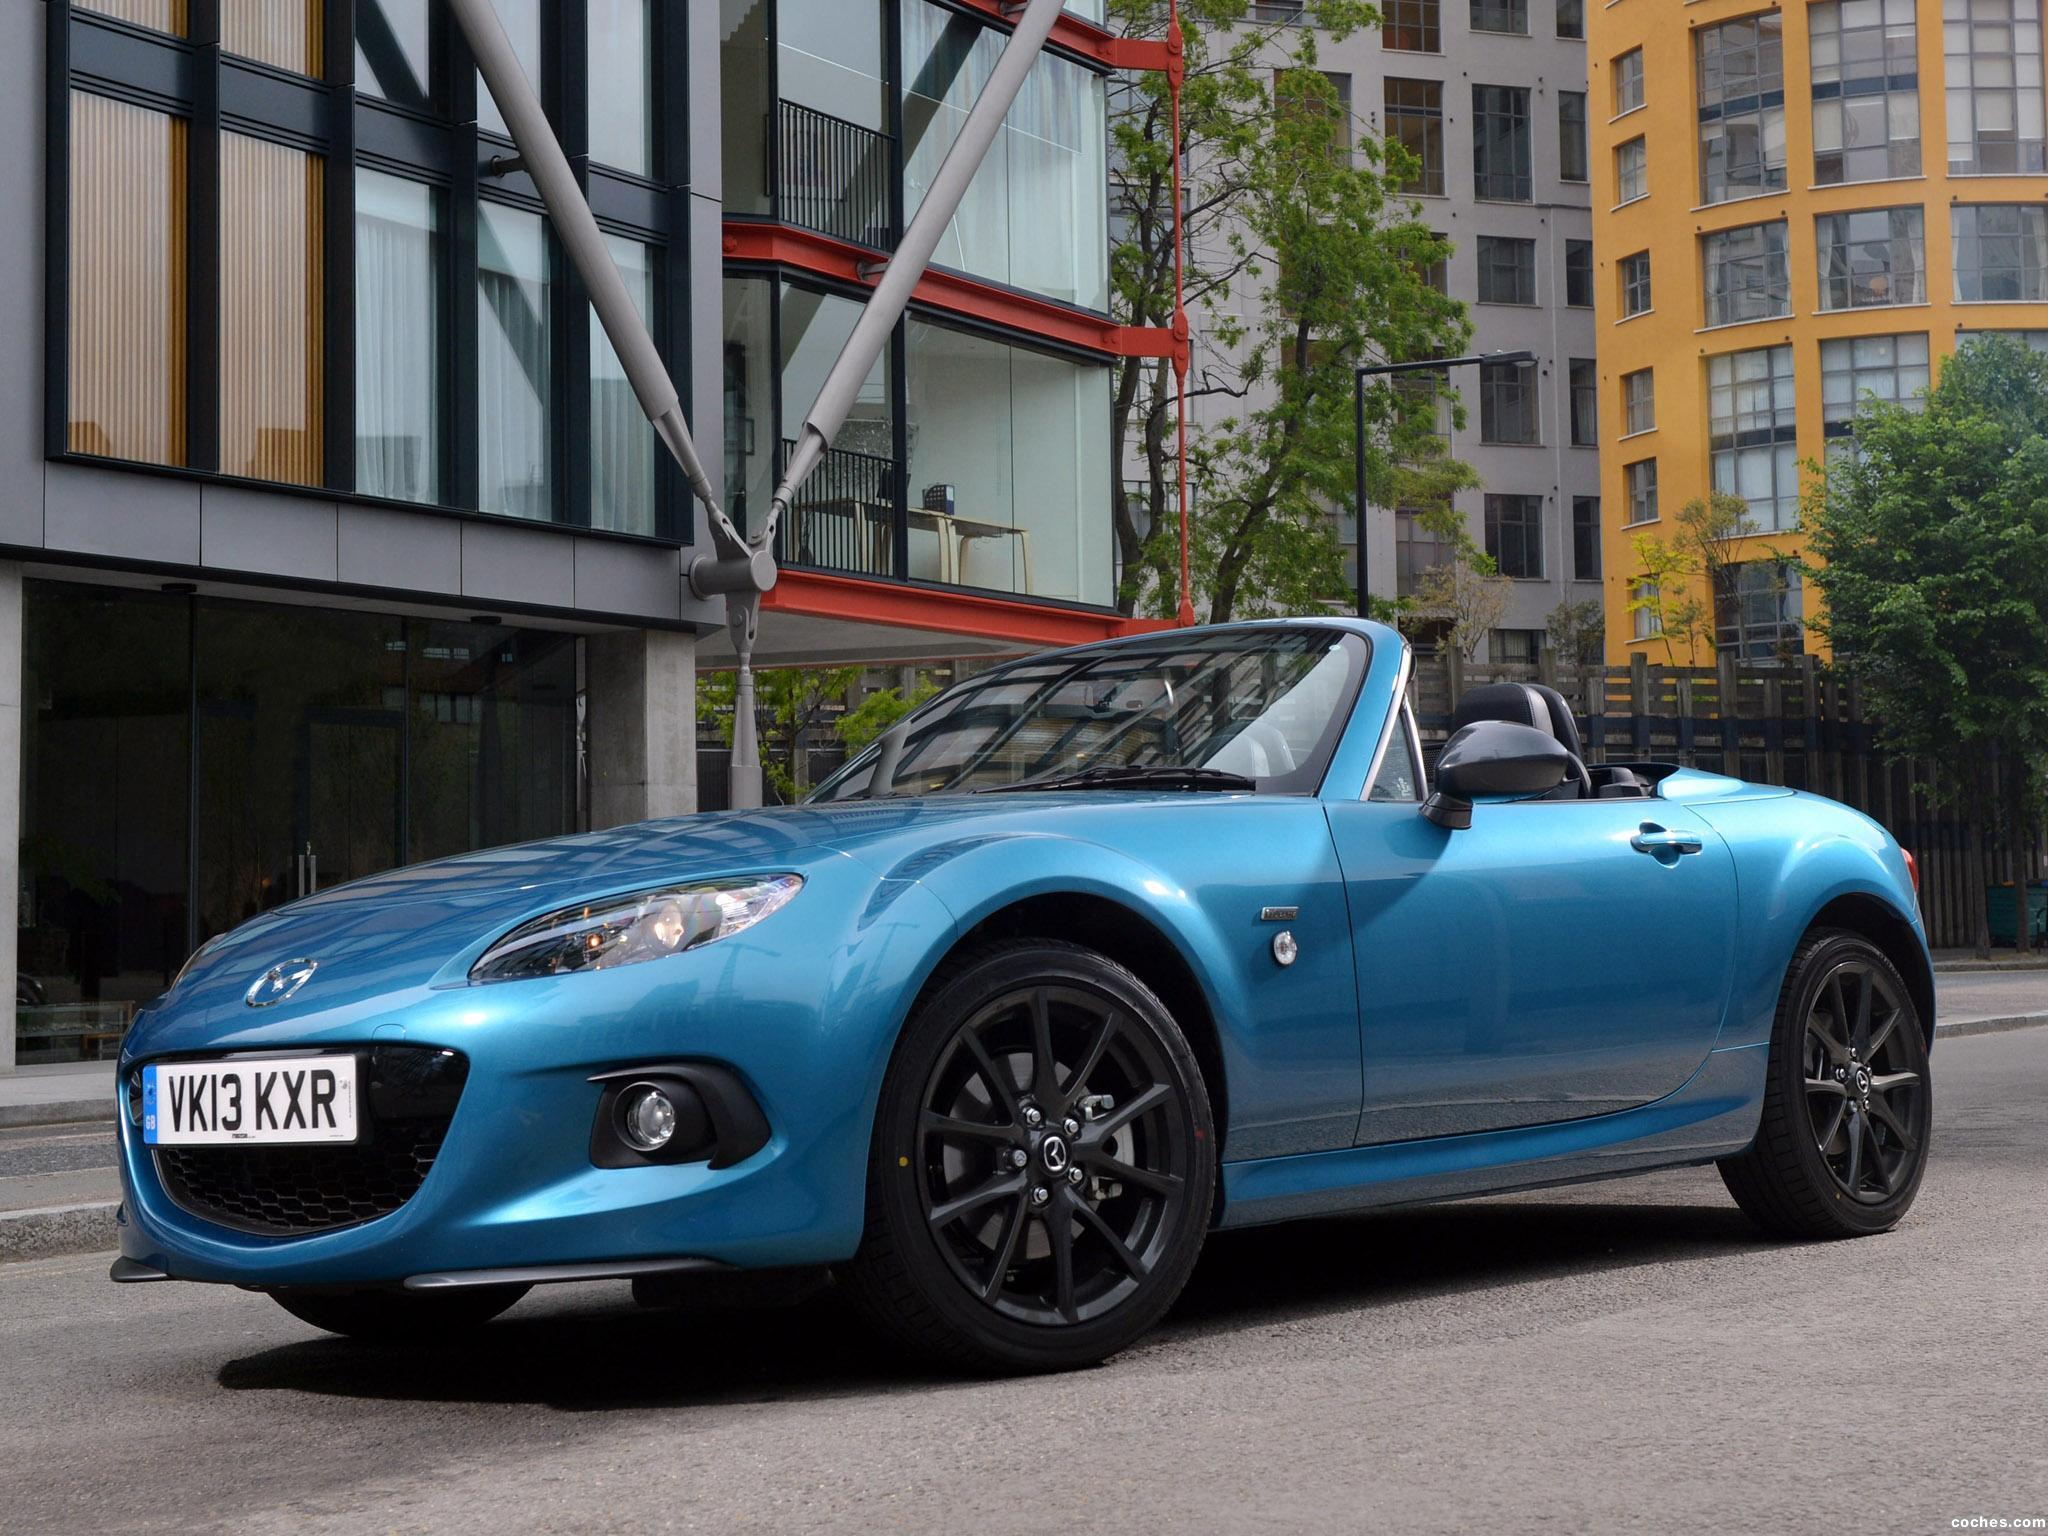 Foto 2 de Mazda MX-5 Sport Graphite Limited Edition UK 2013